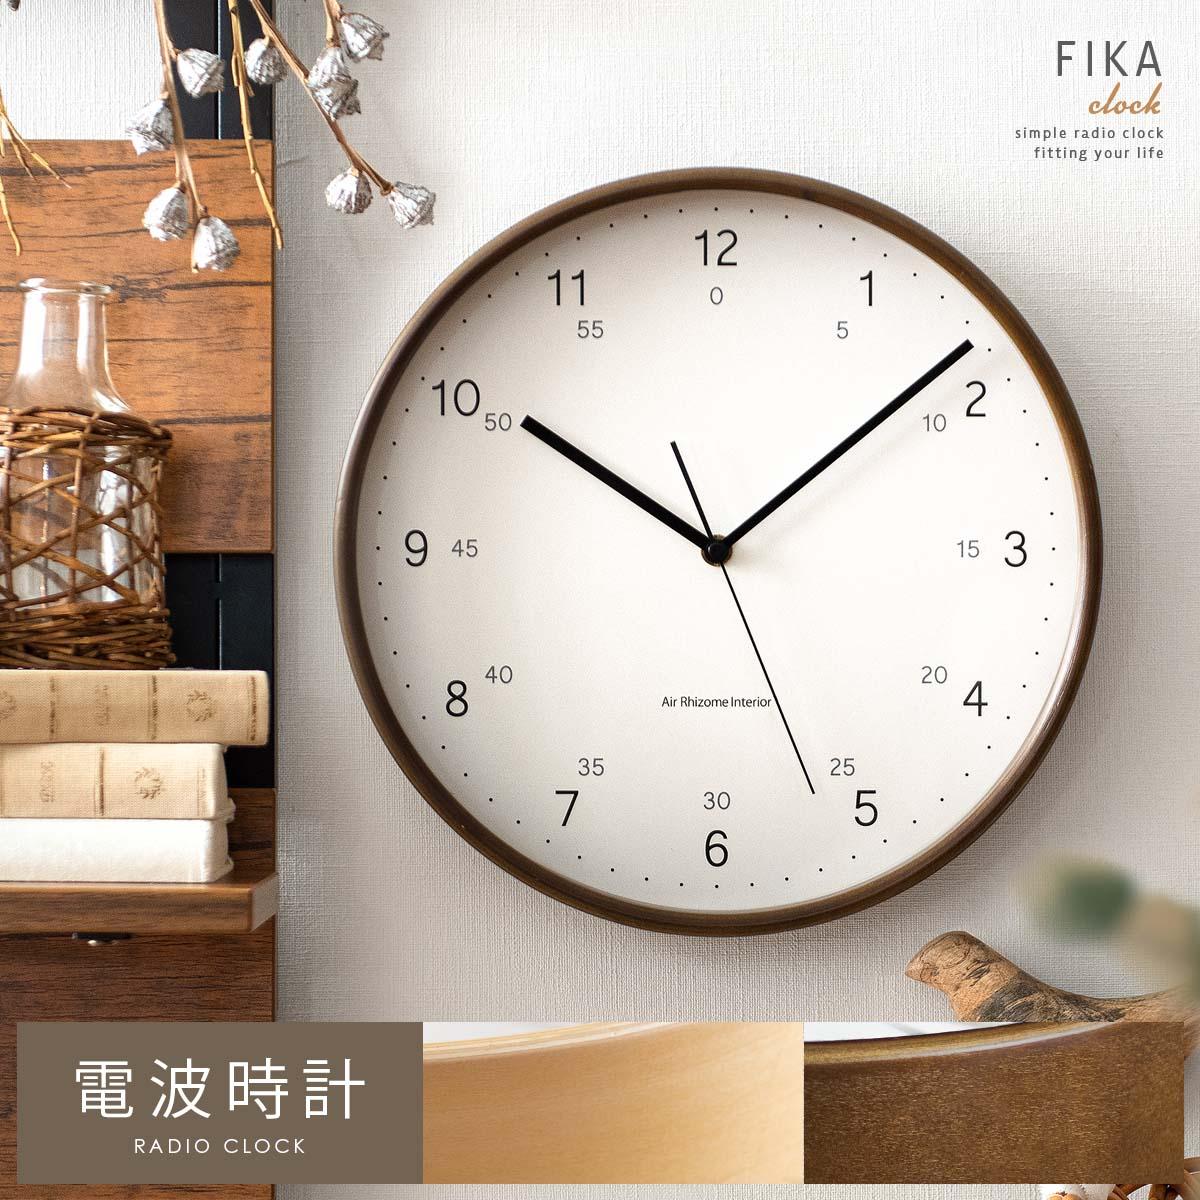 電波時計 電波掛時計 壁掛け時計 新品■送料無料■ 時計 掛け時計 電波式 おしゃれ クロック ウォールクロック シンプル FIKA かわいい レトロ 電波掛け時計 日本最大級の品揃え 北欧 モダン フィーカ